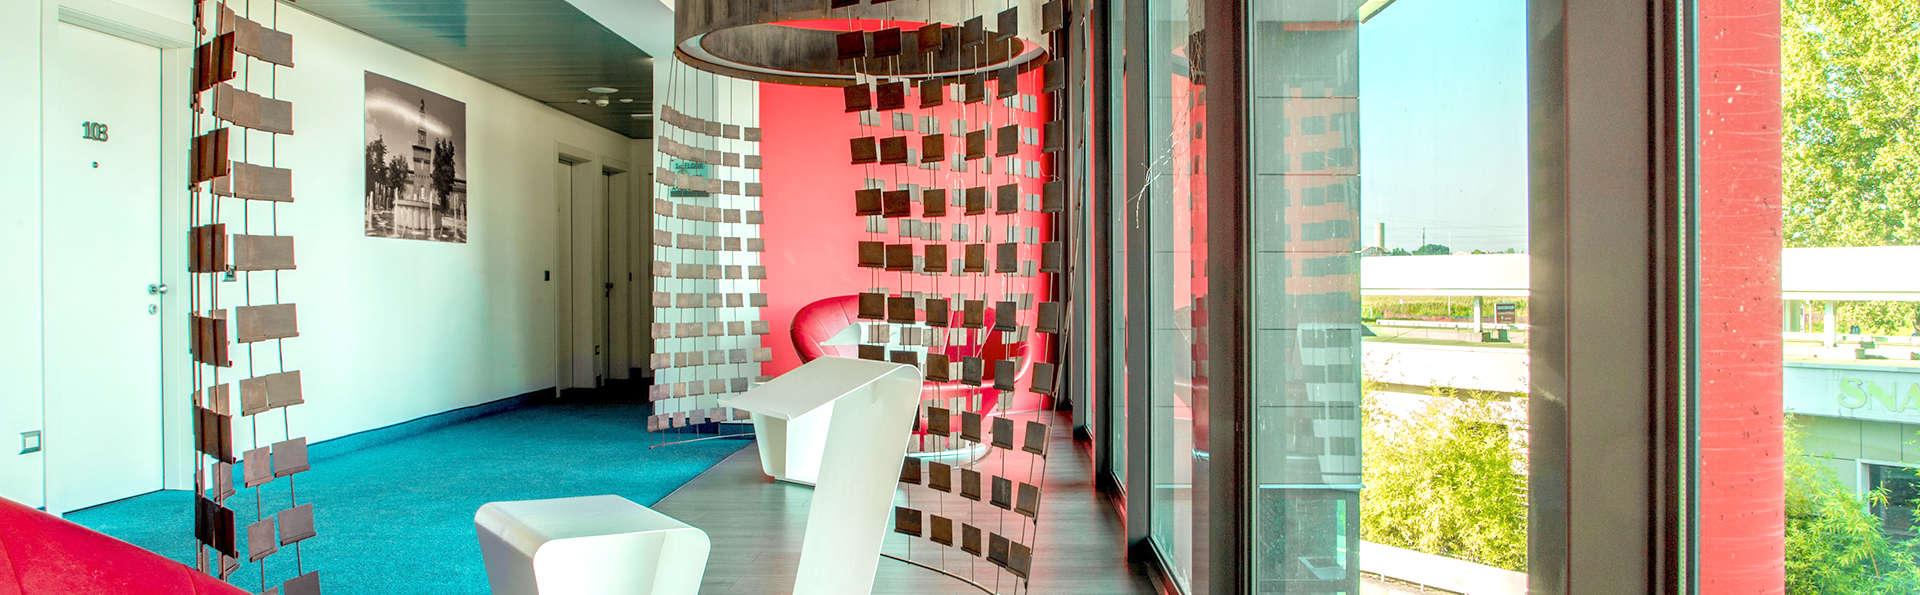 Diseño y confort contemporáneo en Milán